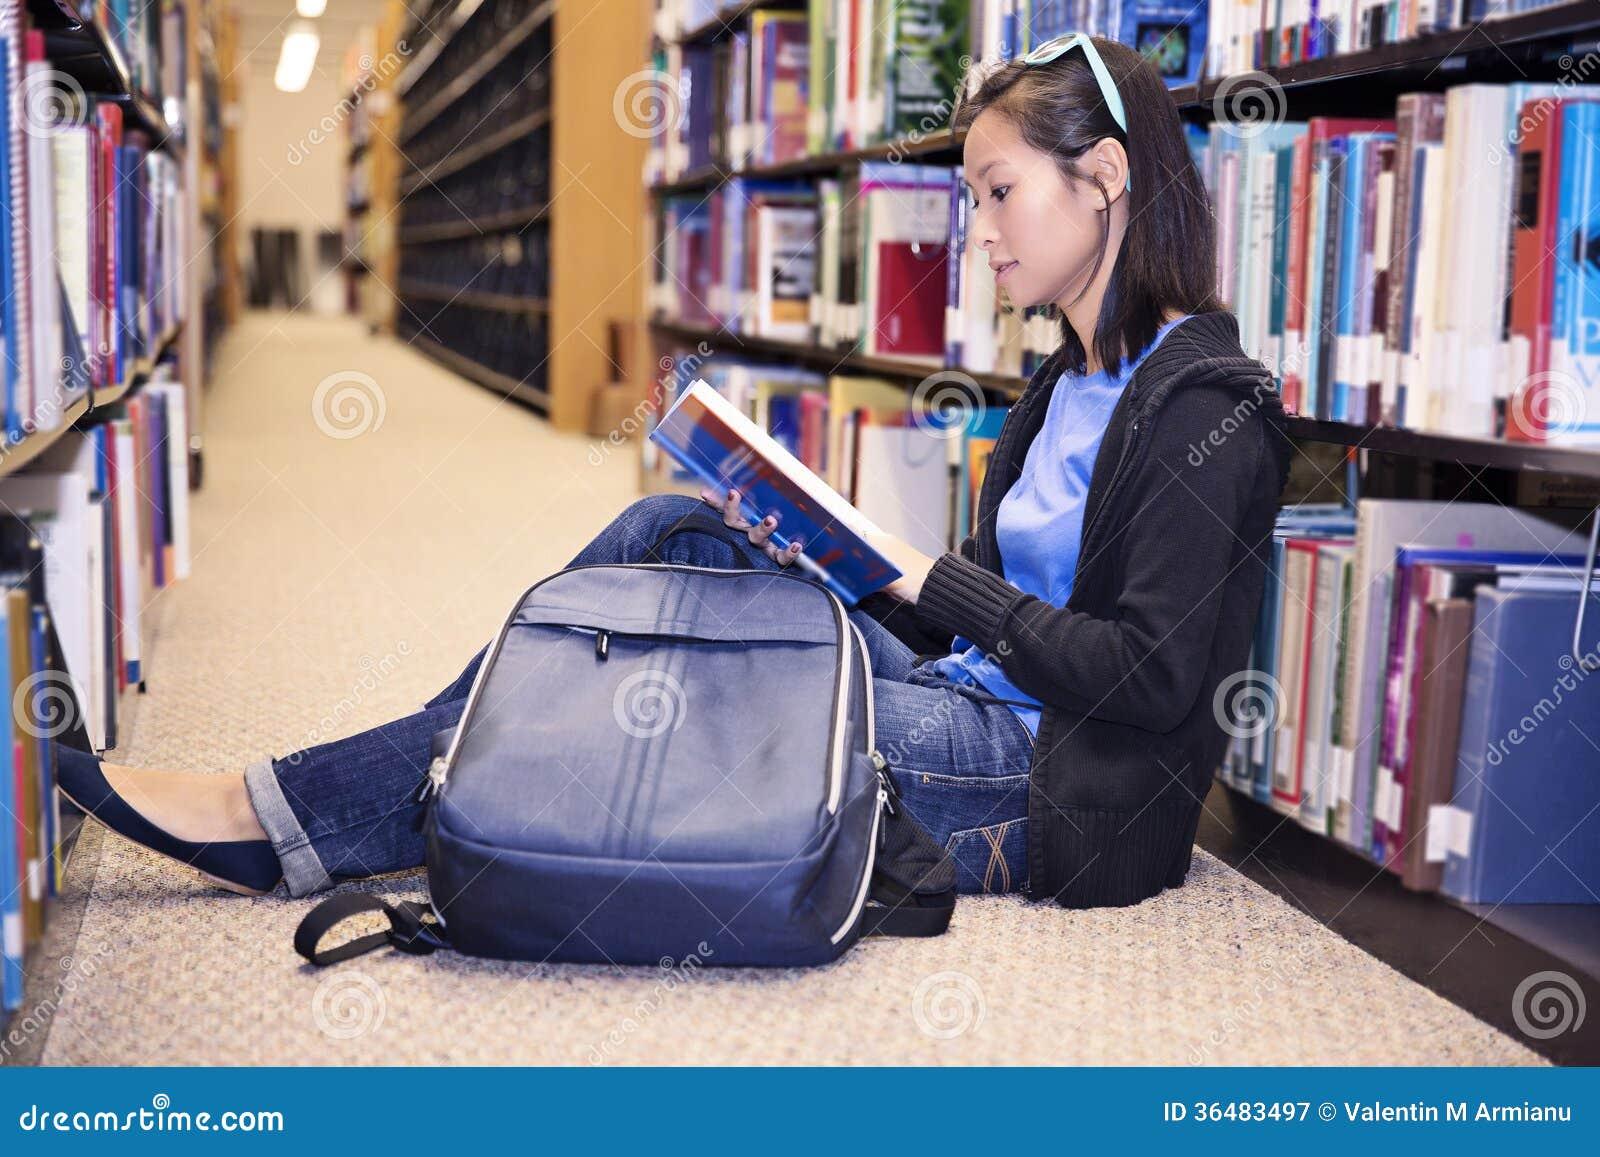 亚洲拼贴画学生读书 亚洲拼贴画学生读书 亚裔拼贴画学生在图书馆里